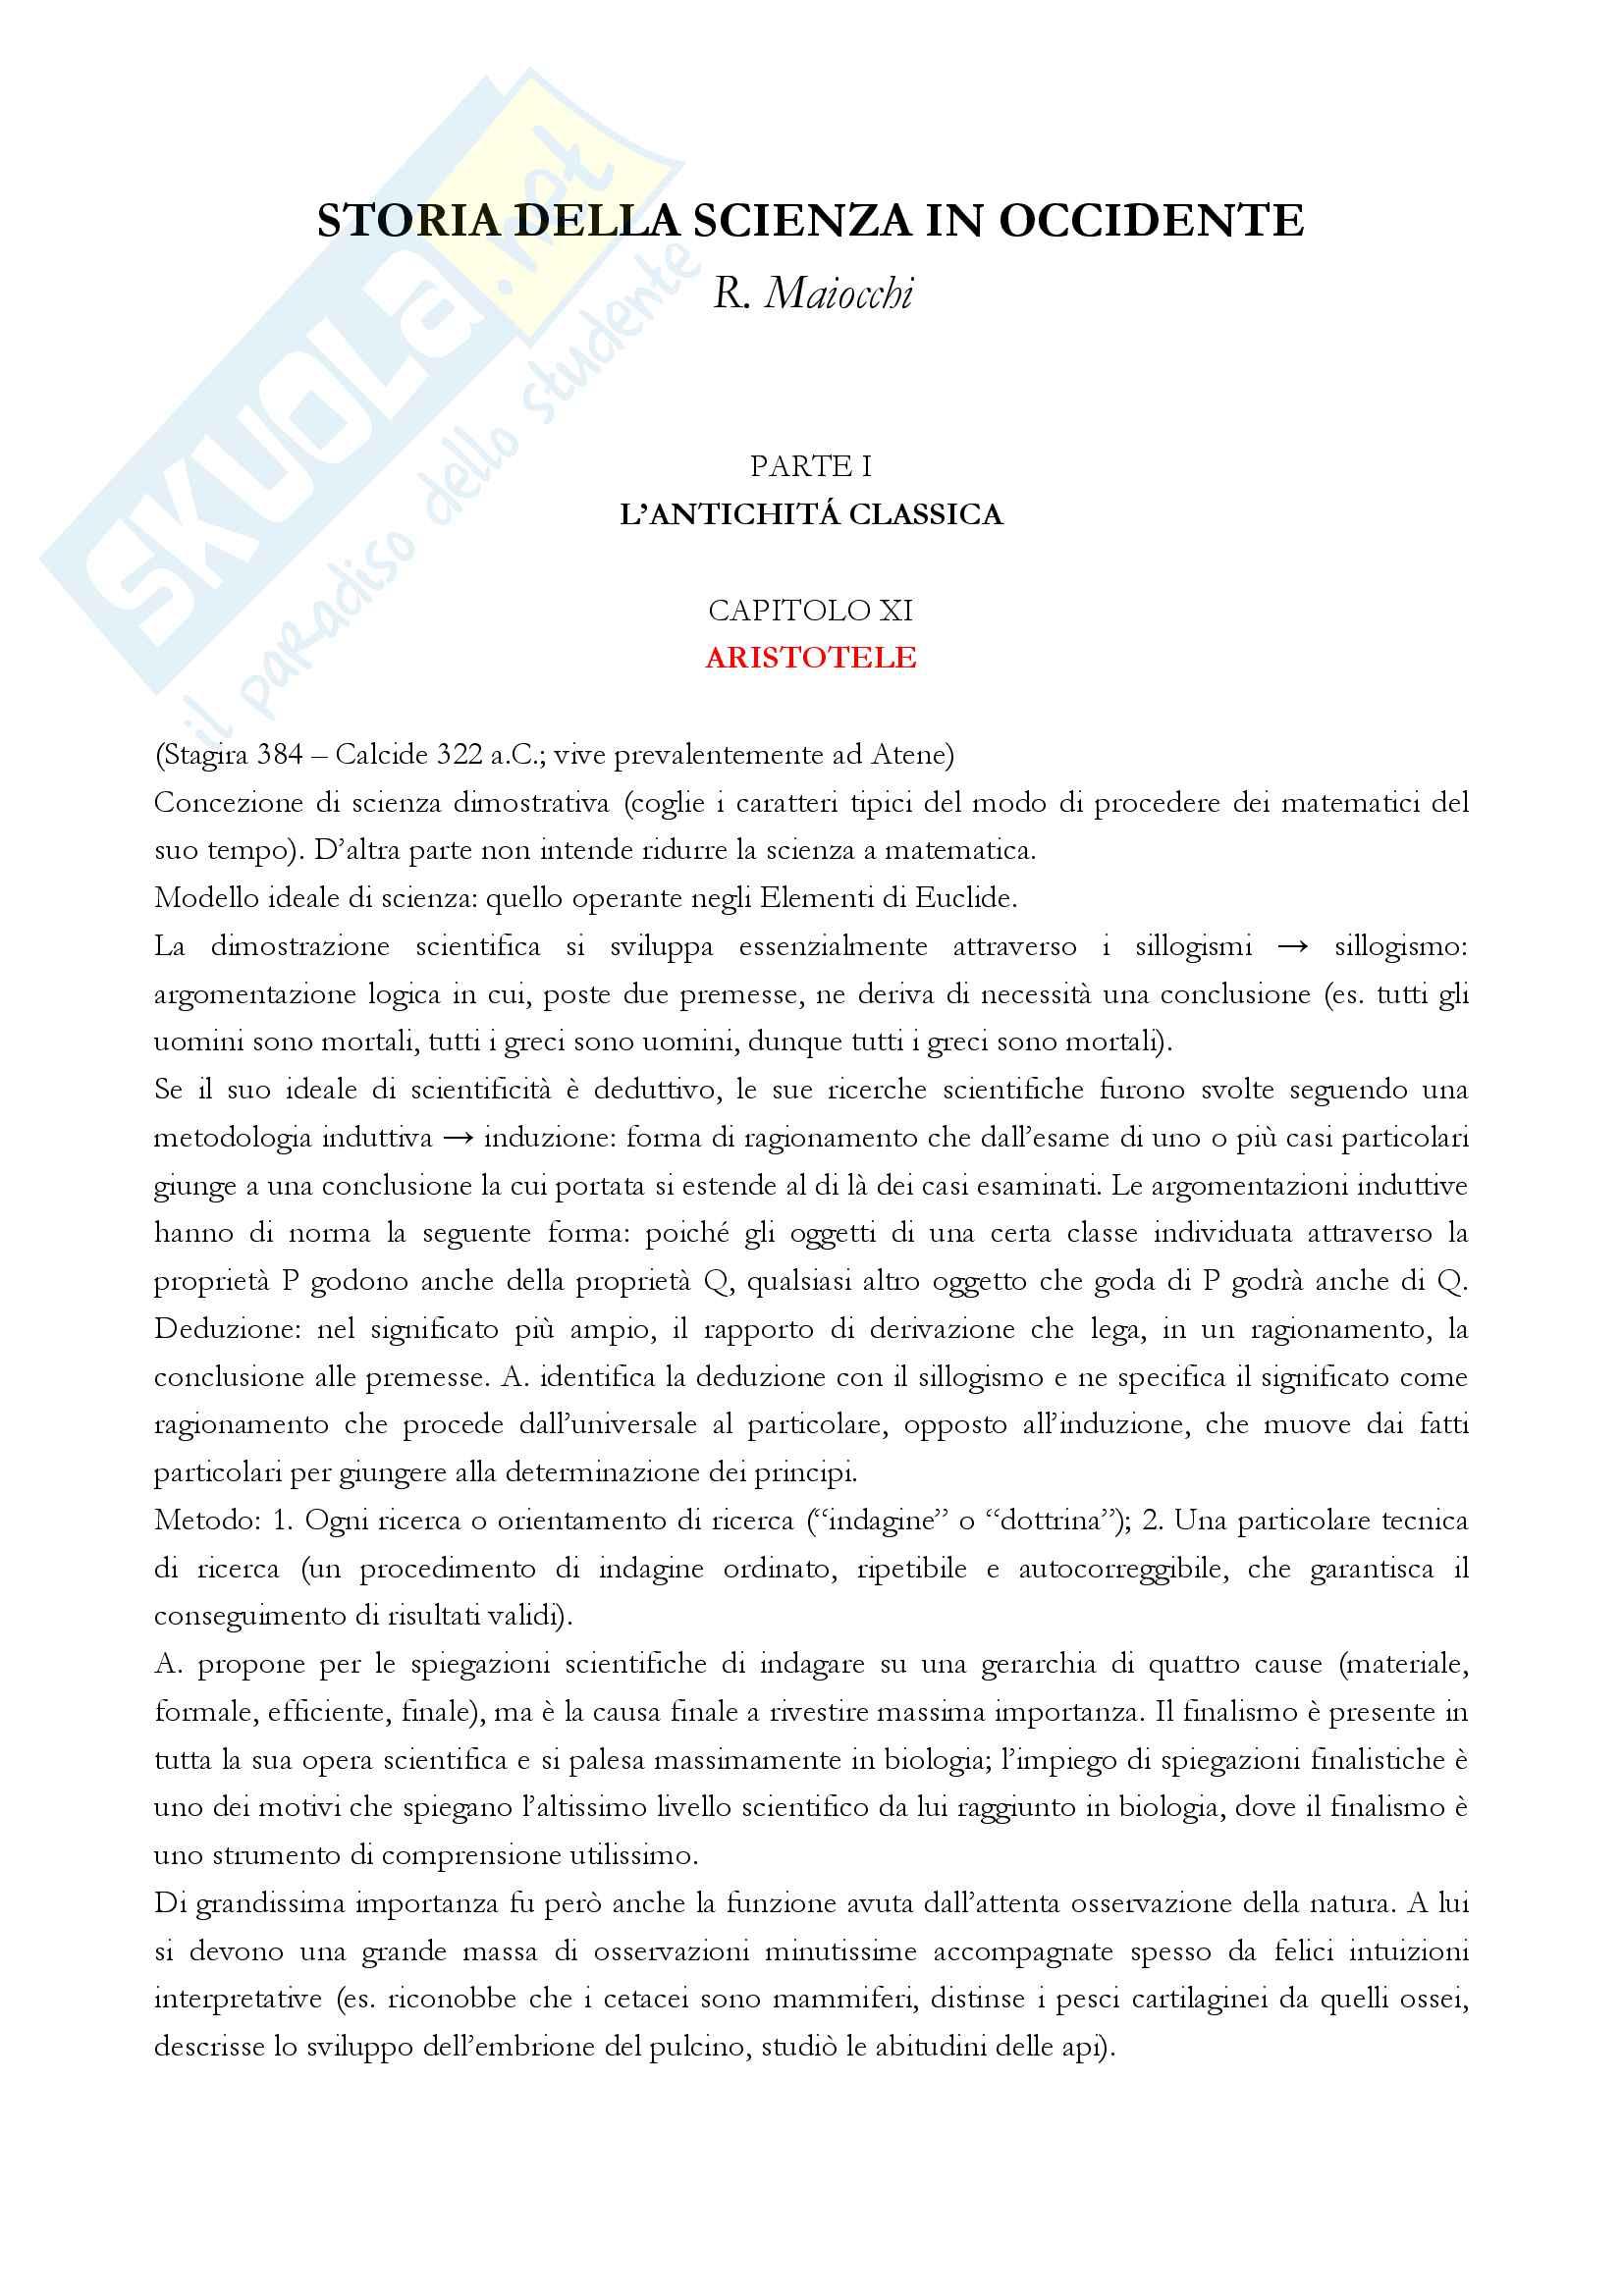 """Riassunto esame storia della scienza, Prof. Ciancio, libro consigliato """"Storia della scienza in Occidente"""" (R. Maiocchi)"""